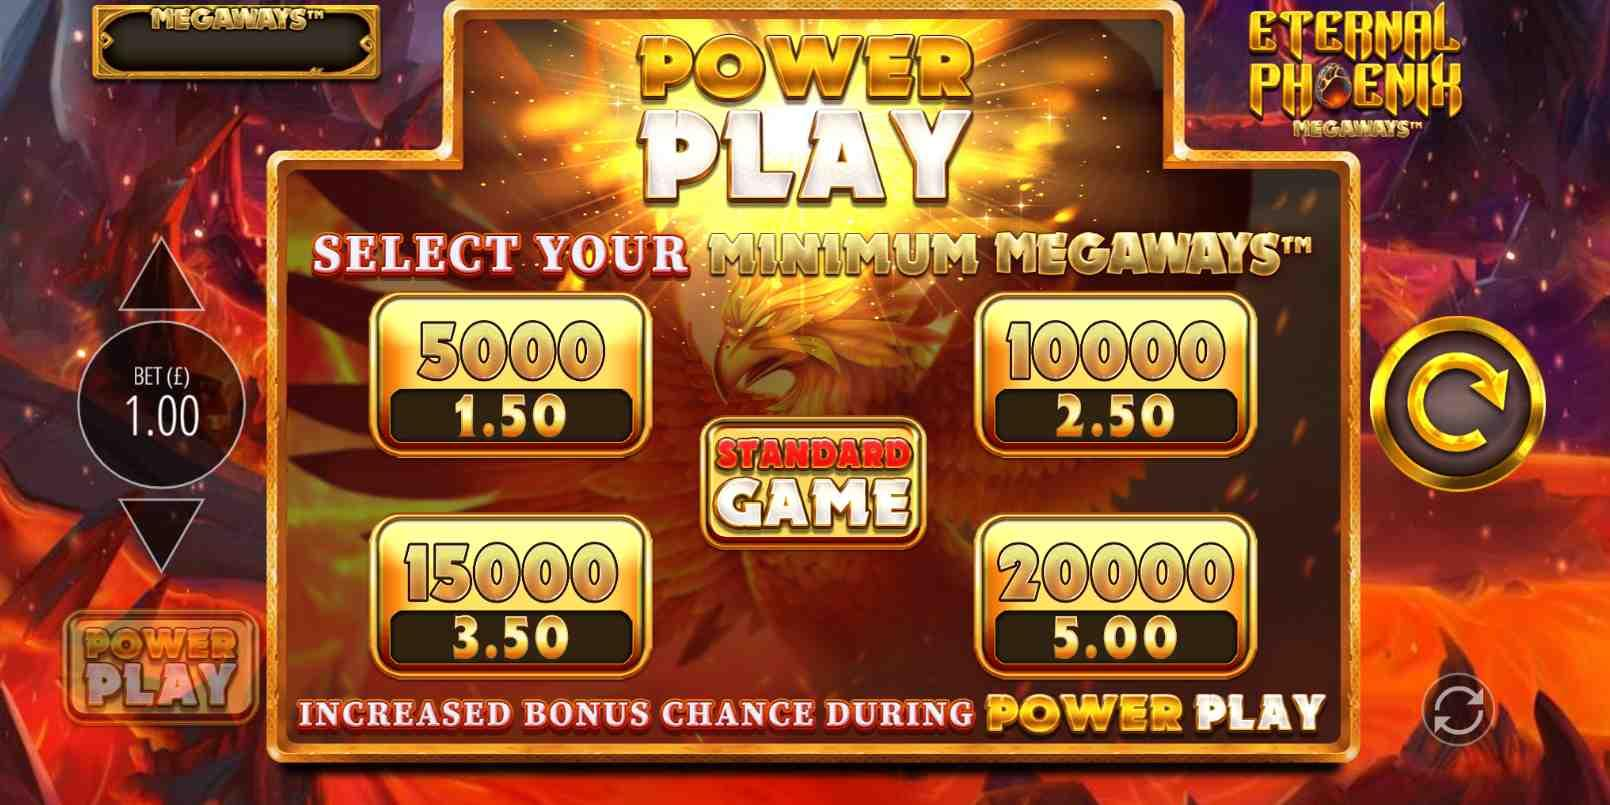 Eternal Phoenix Megaways Power Play